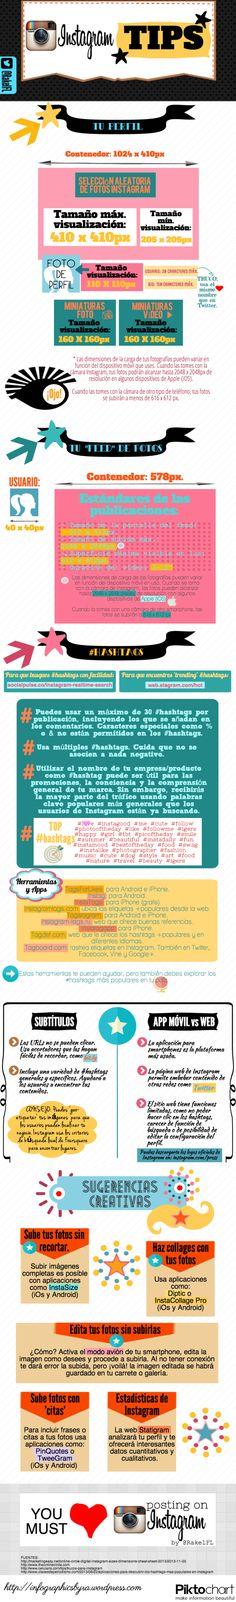 Consejos para Instagram vía: infographicsbyra.wordpress.com #infografia #infographic #socialmedia